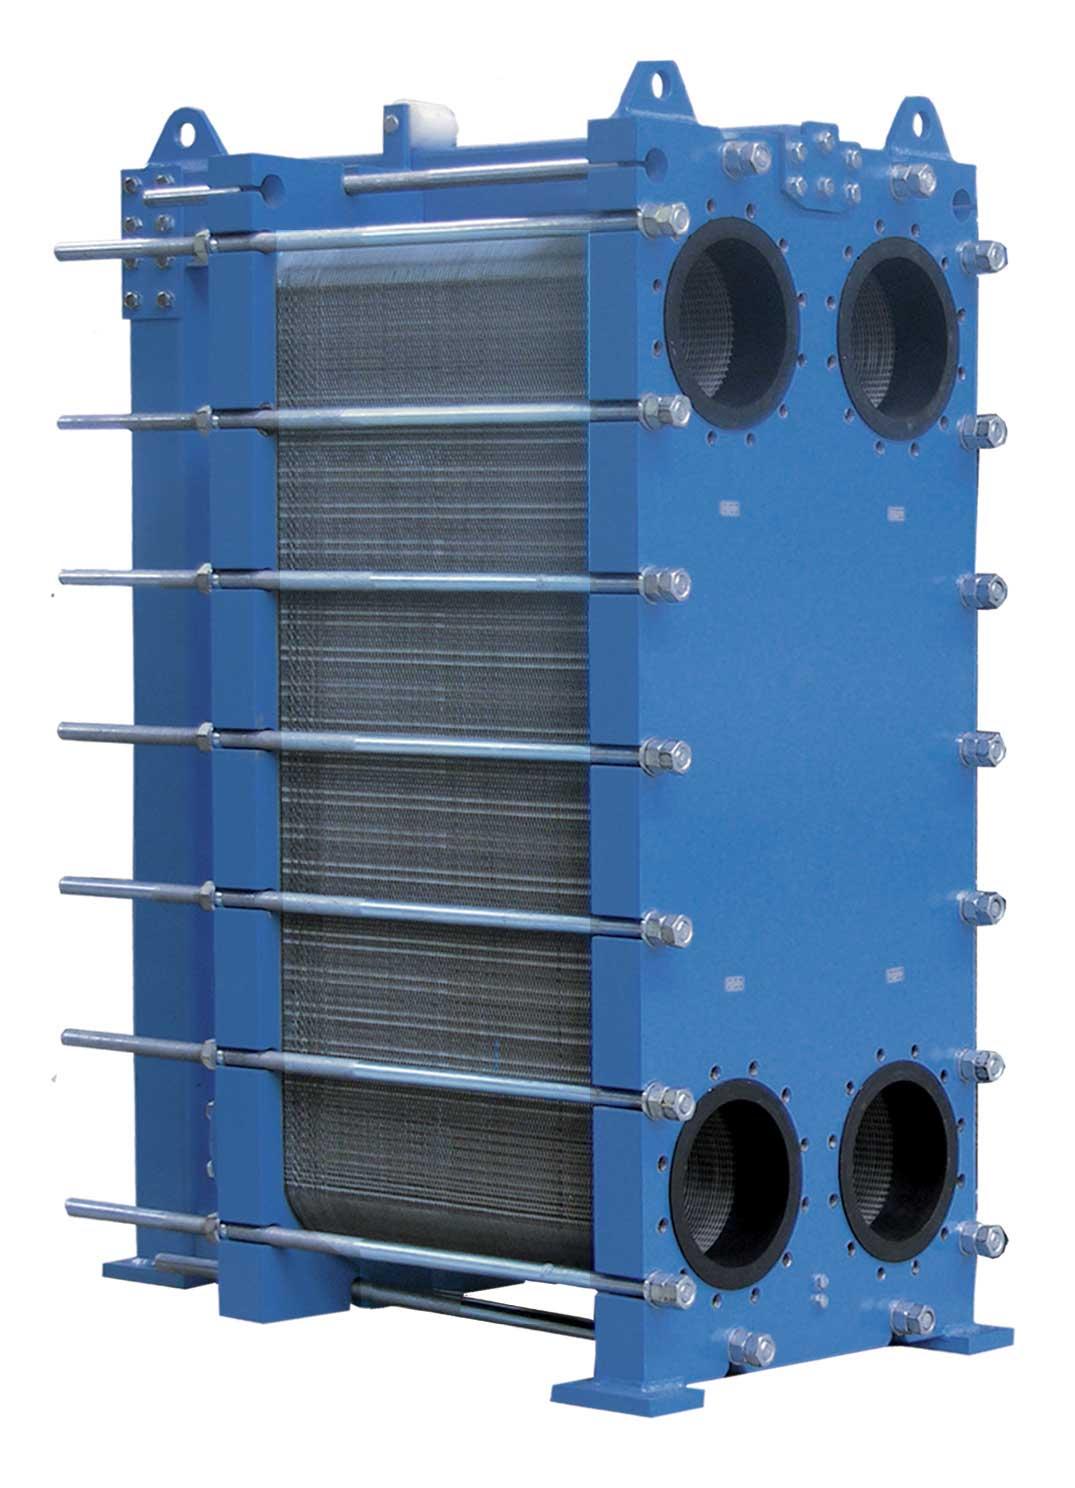 Прокладки к теплообменнику альфа лаваль цена Паяный теплообменник-испаритель Машимпэкс (GEA) GNS 700AE Уфа